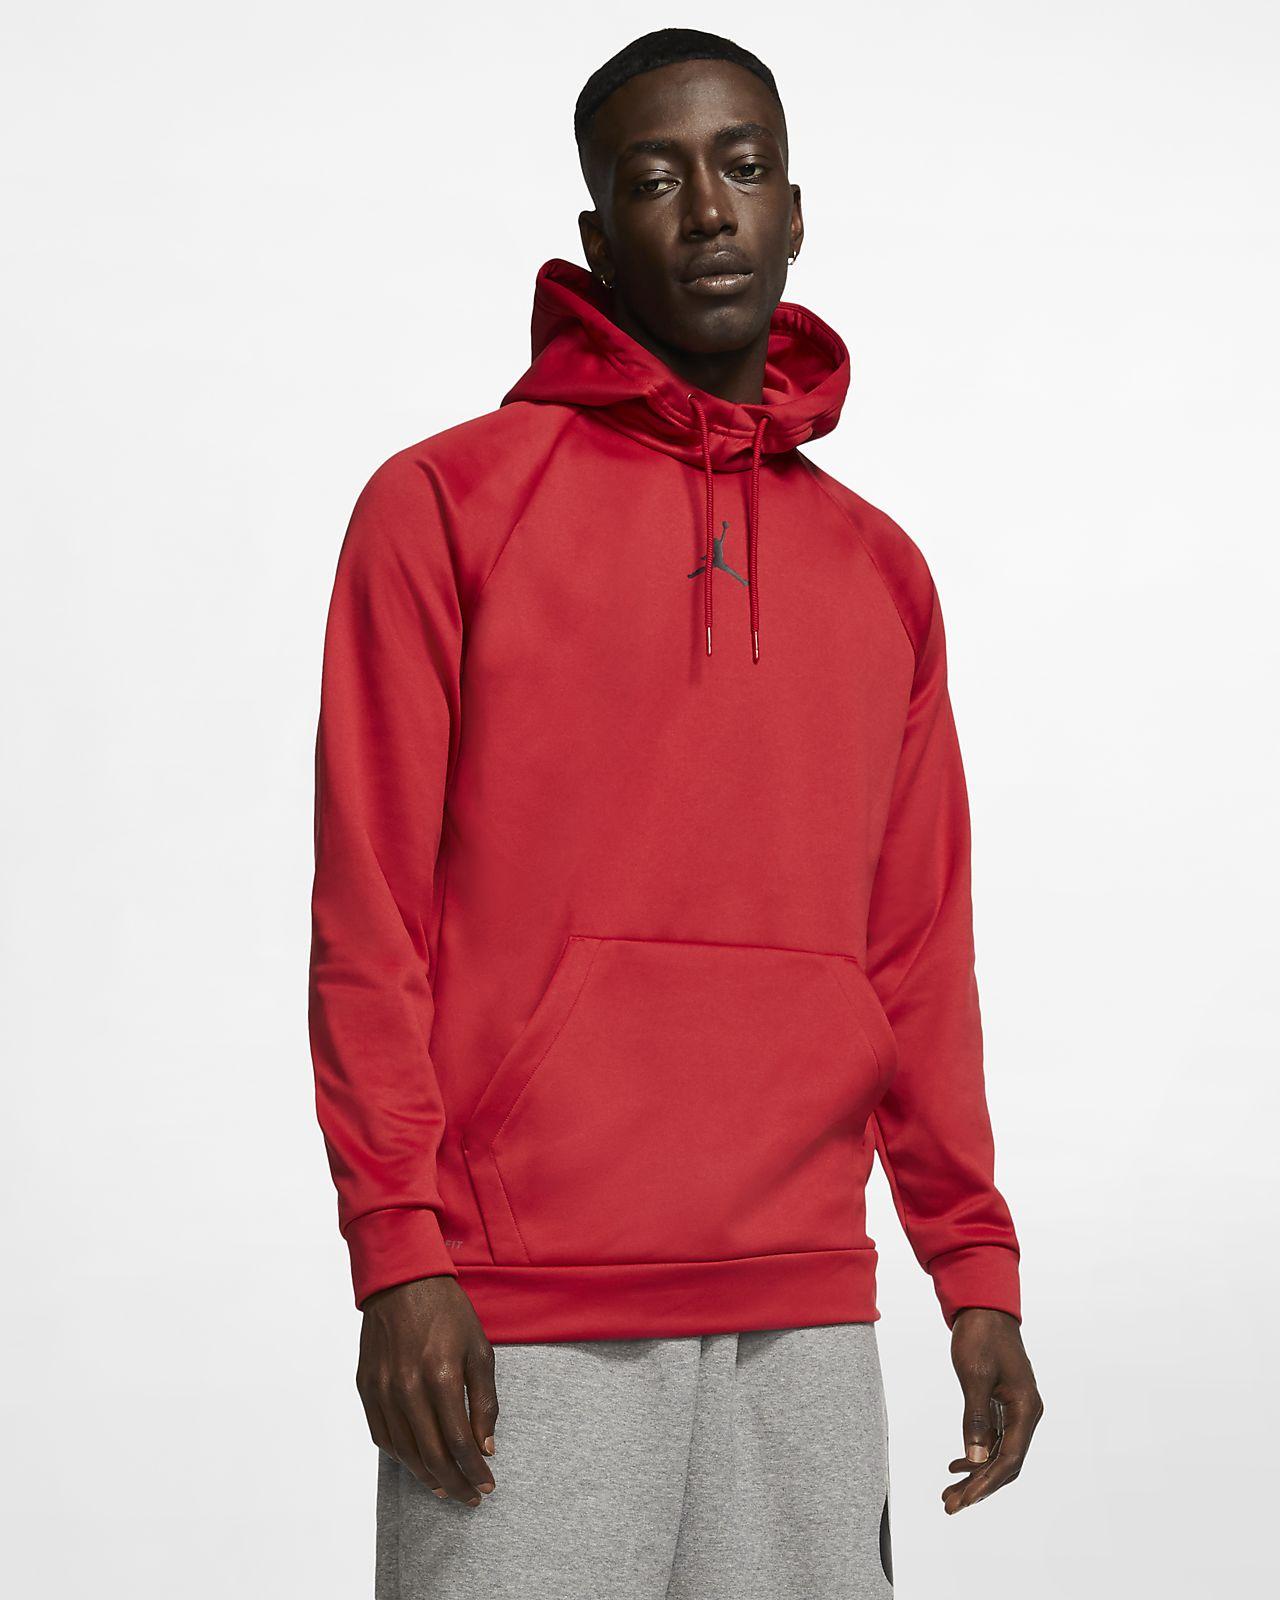 Felpa pullover in fleece con cappuccio Jordan 23 Alpha Therma - Uomo